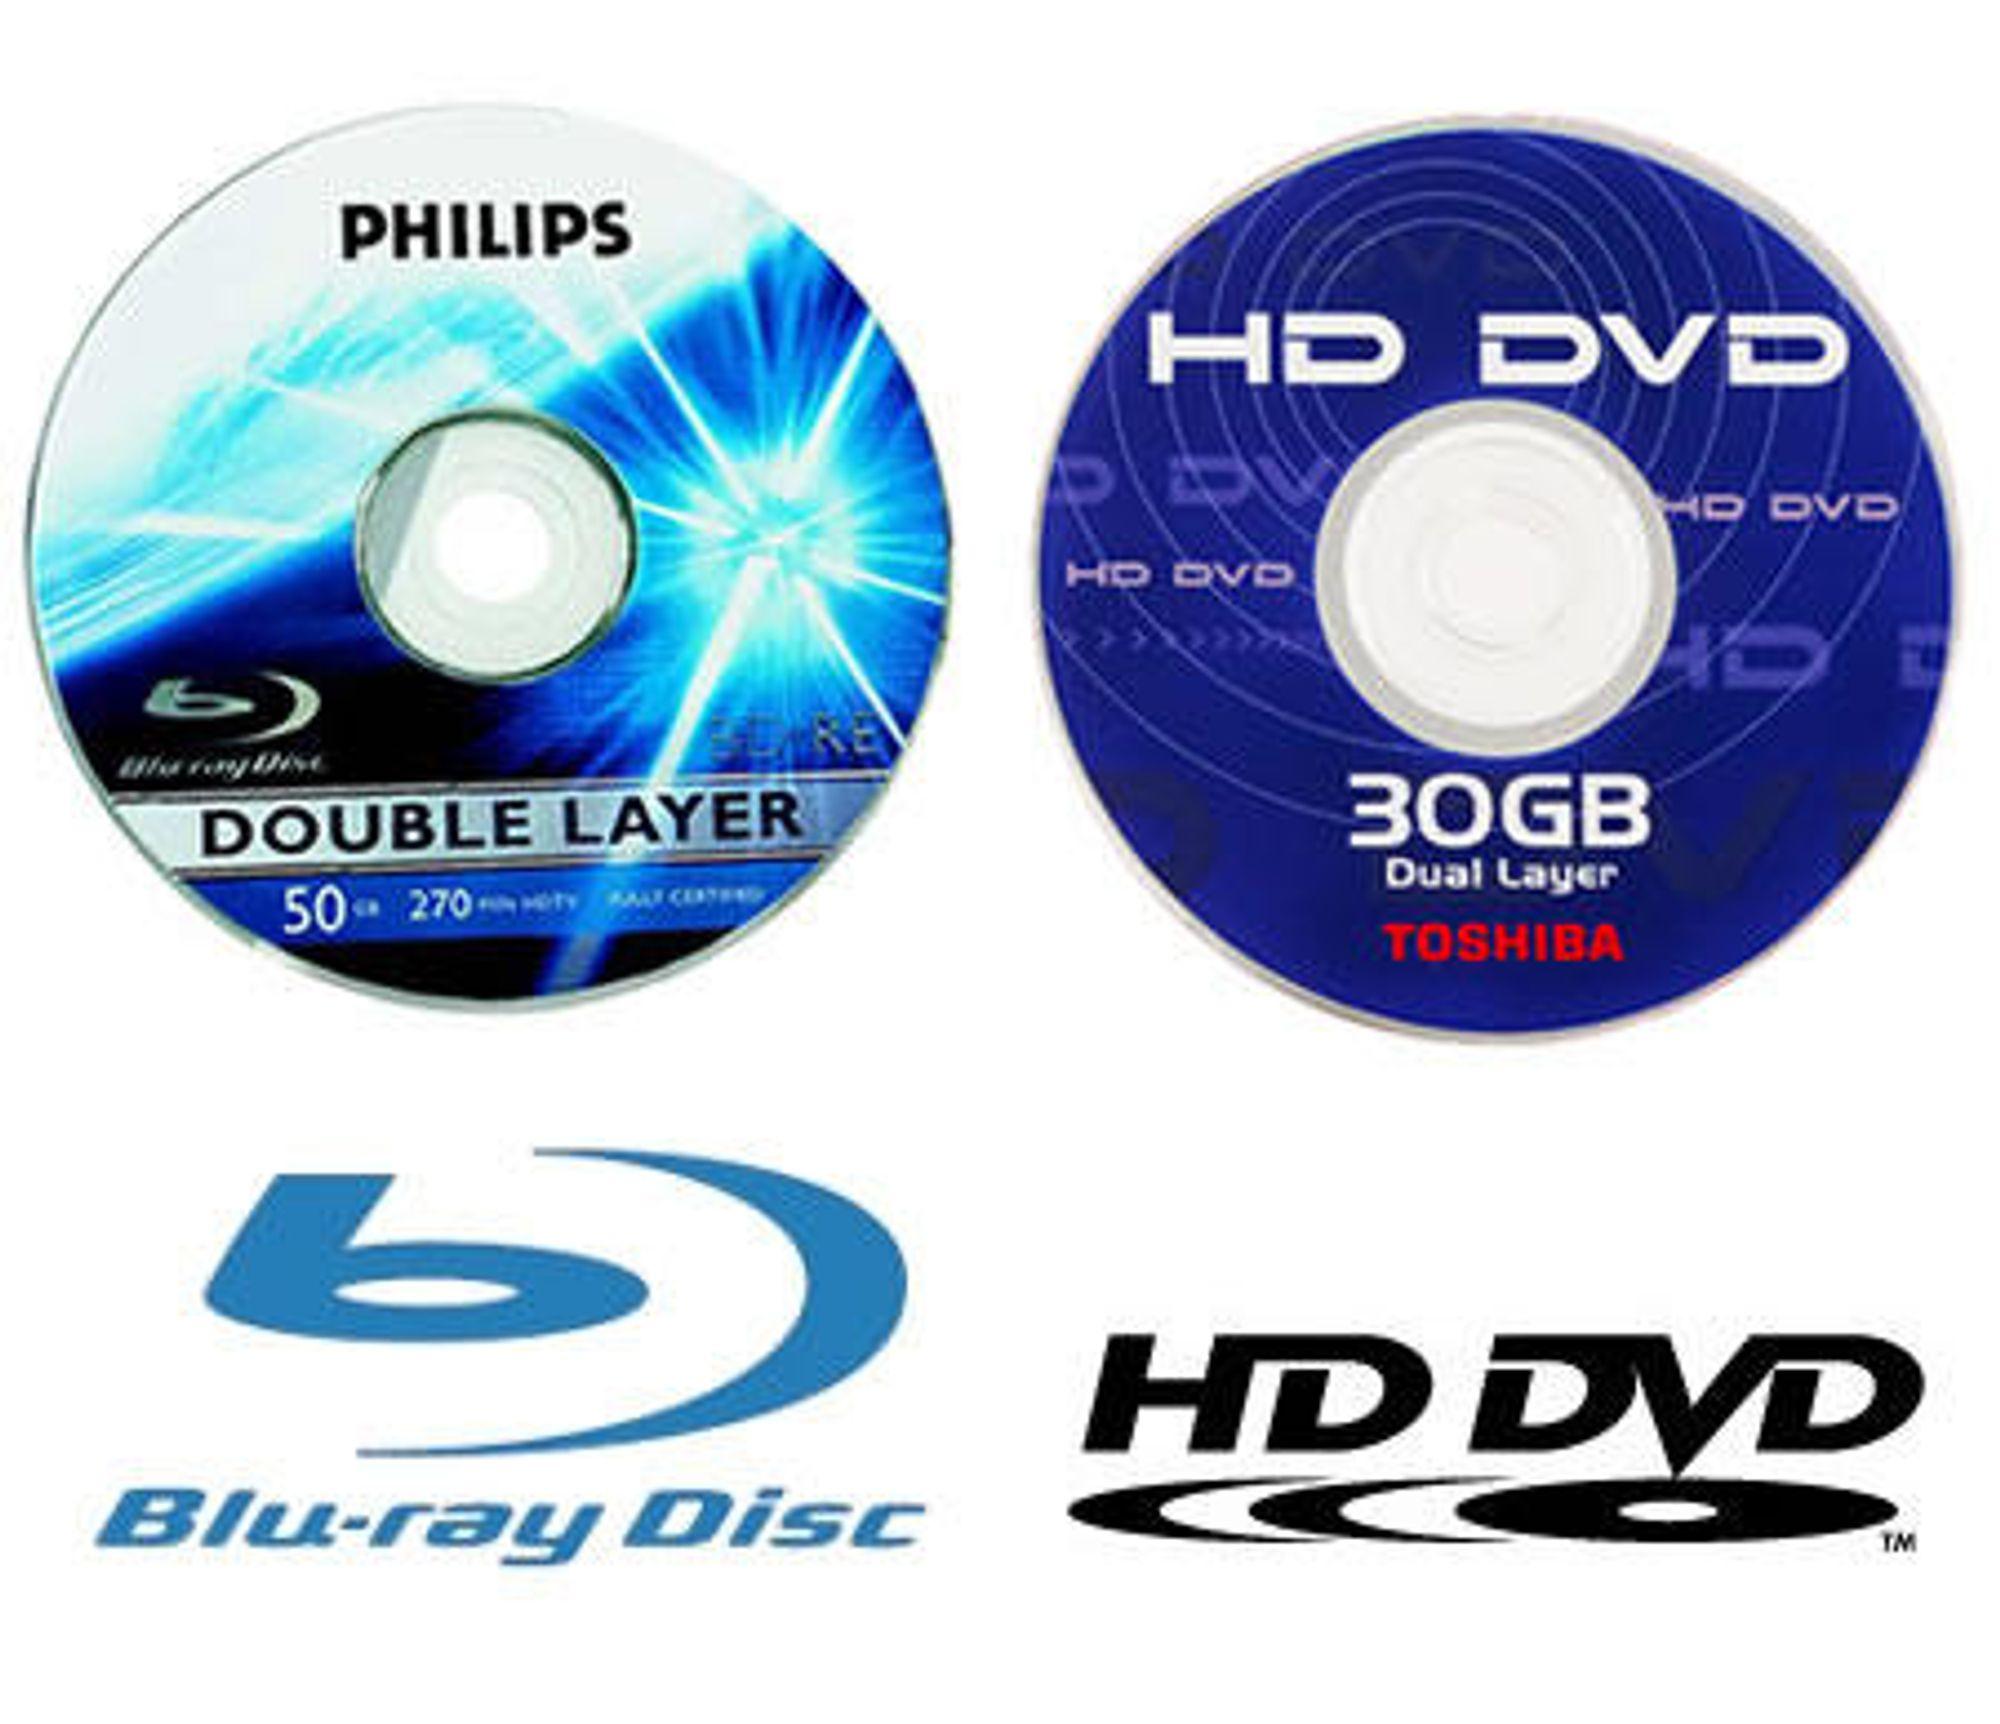 HD DVD i ferd med å tape for Blu-ray?